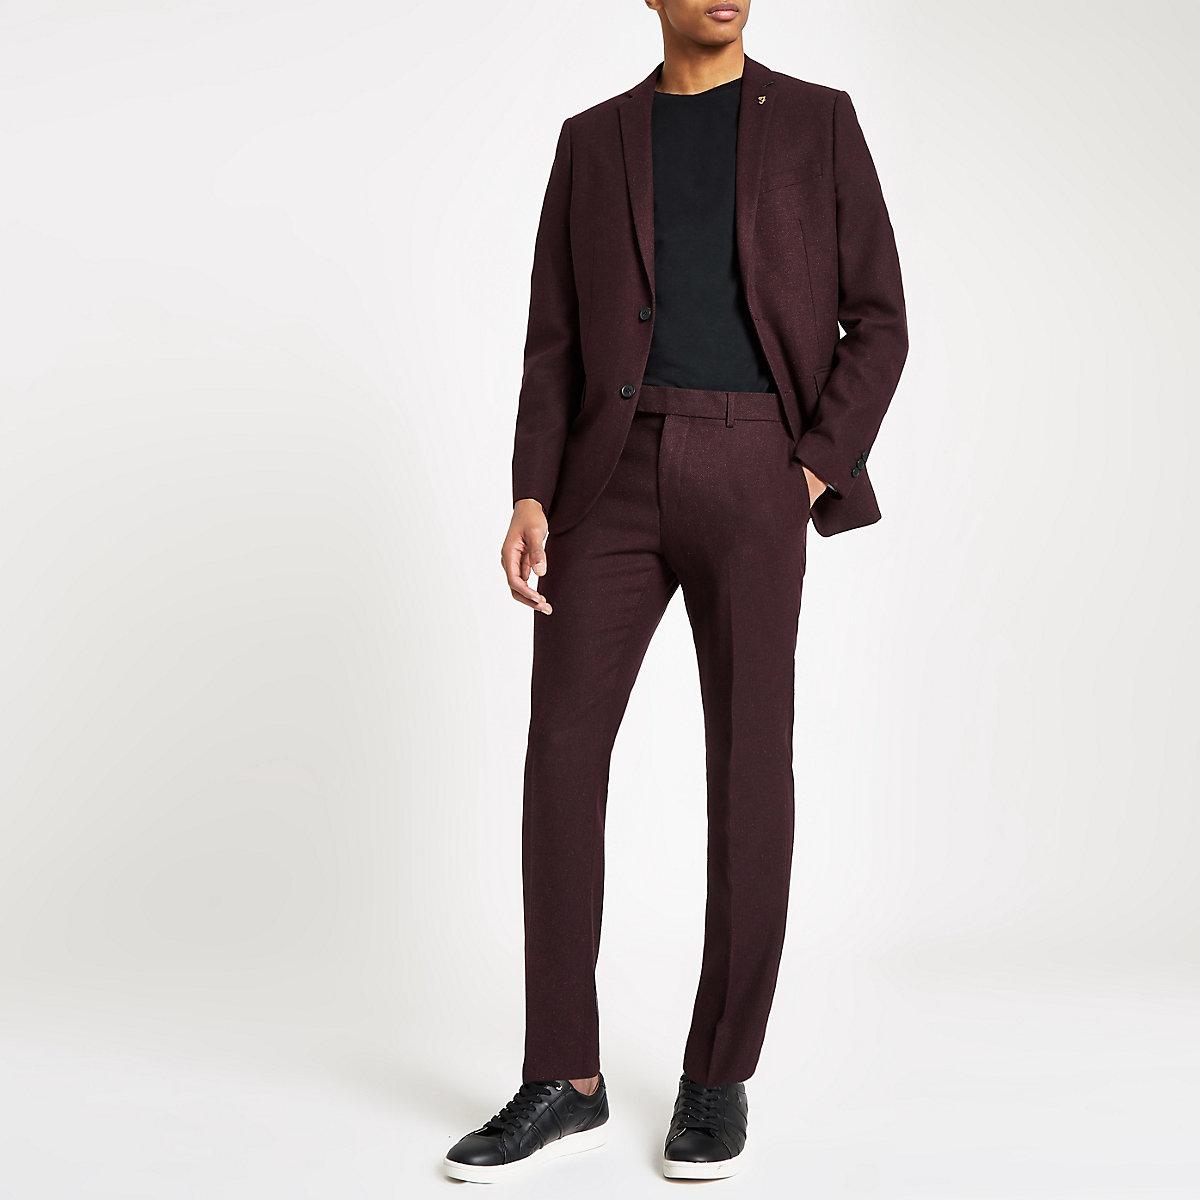 Farah burgundy skinny suit pants